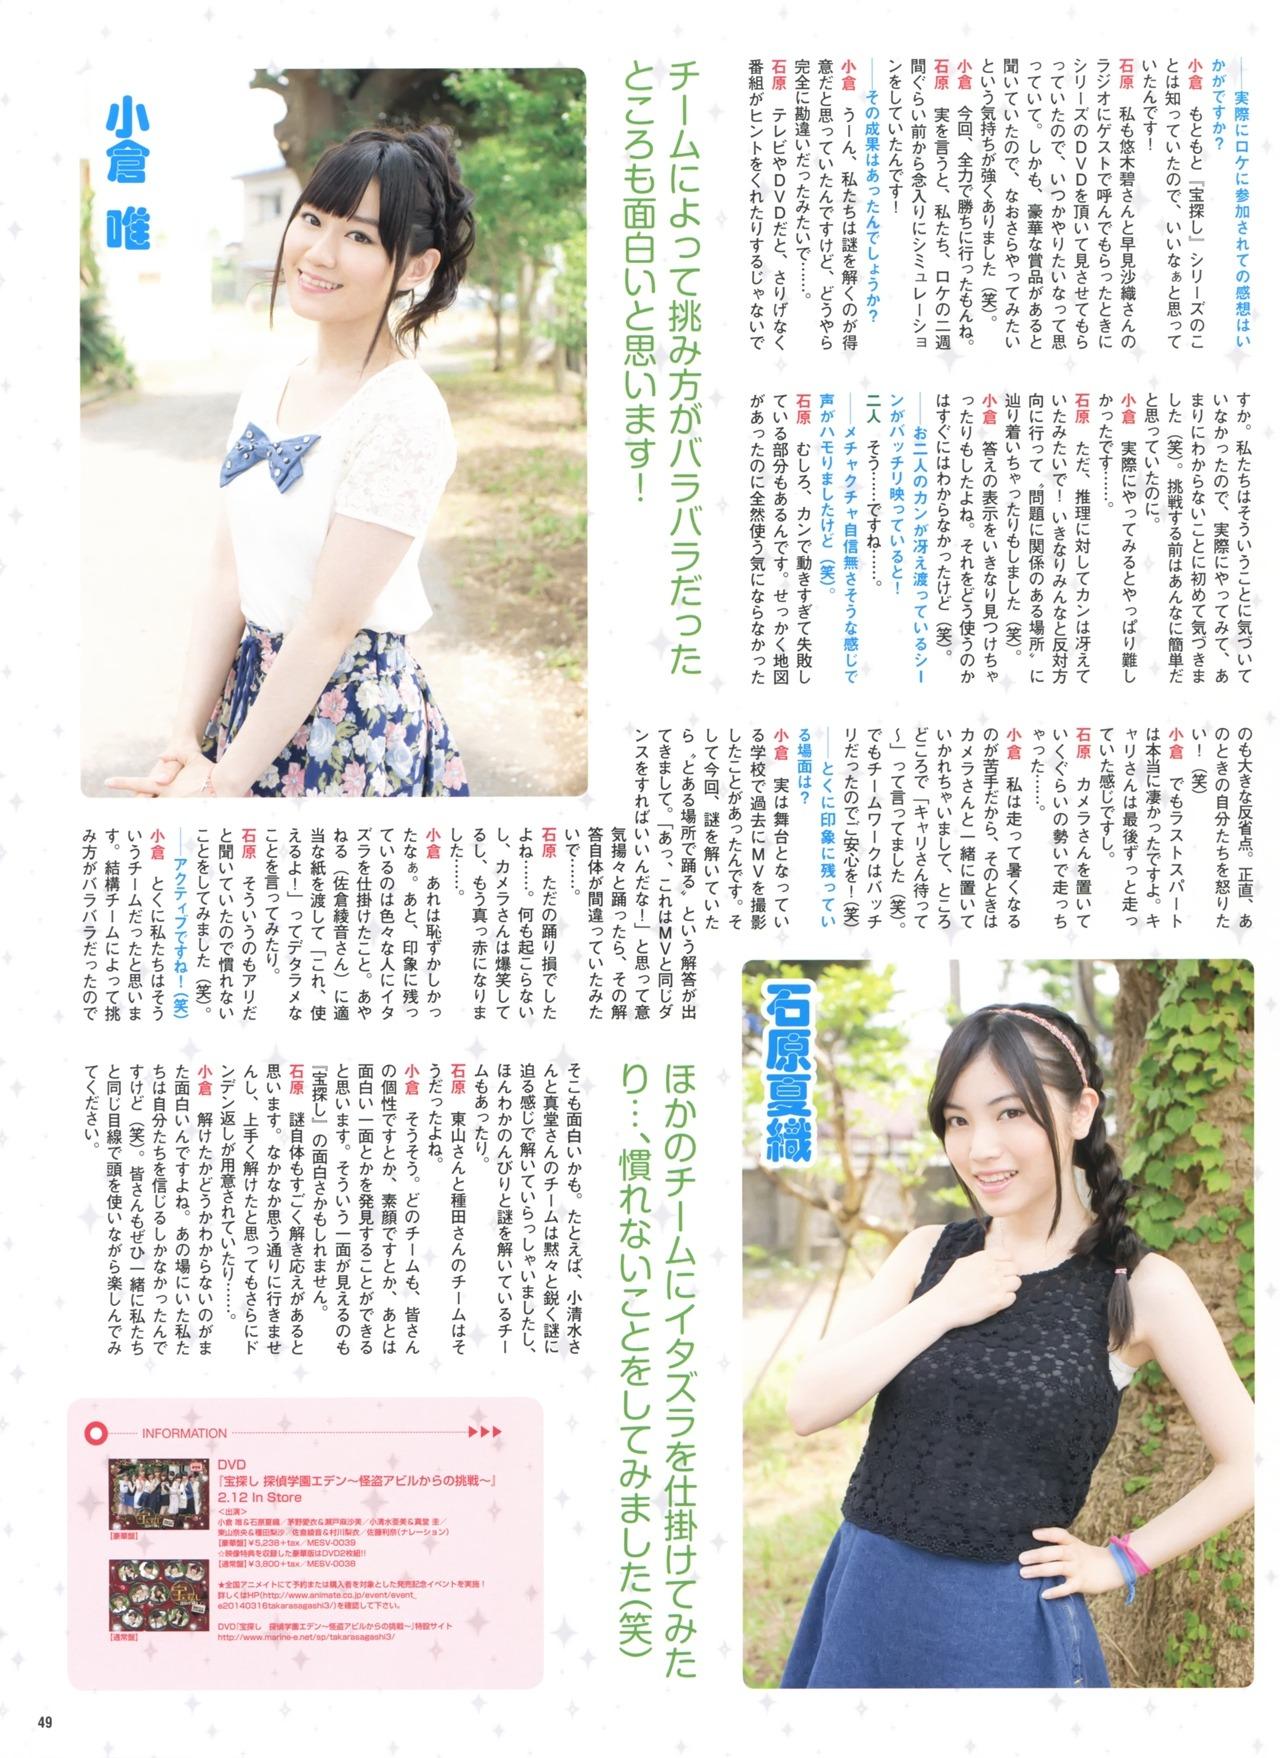 ishihara_kaori077.jpg